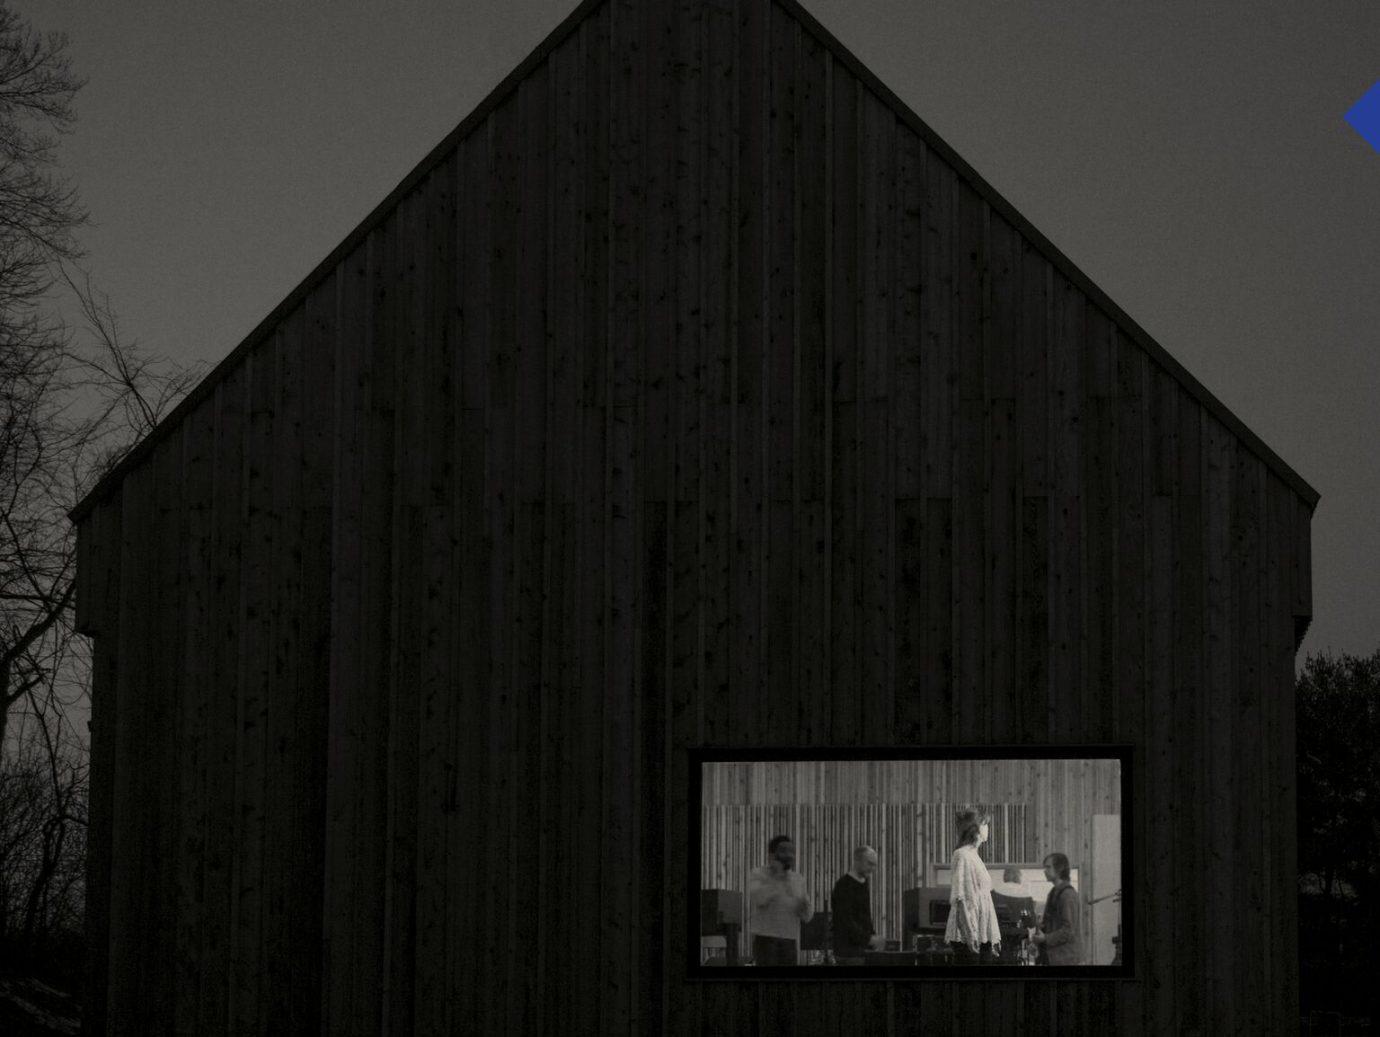 Album der Woche: The National – Sleep Well Beast